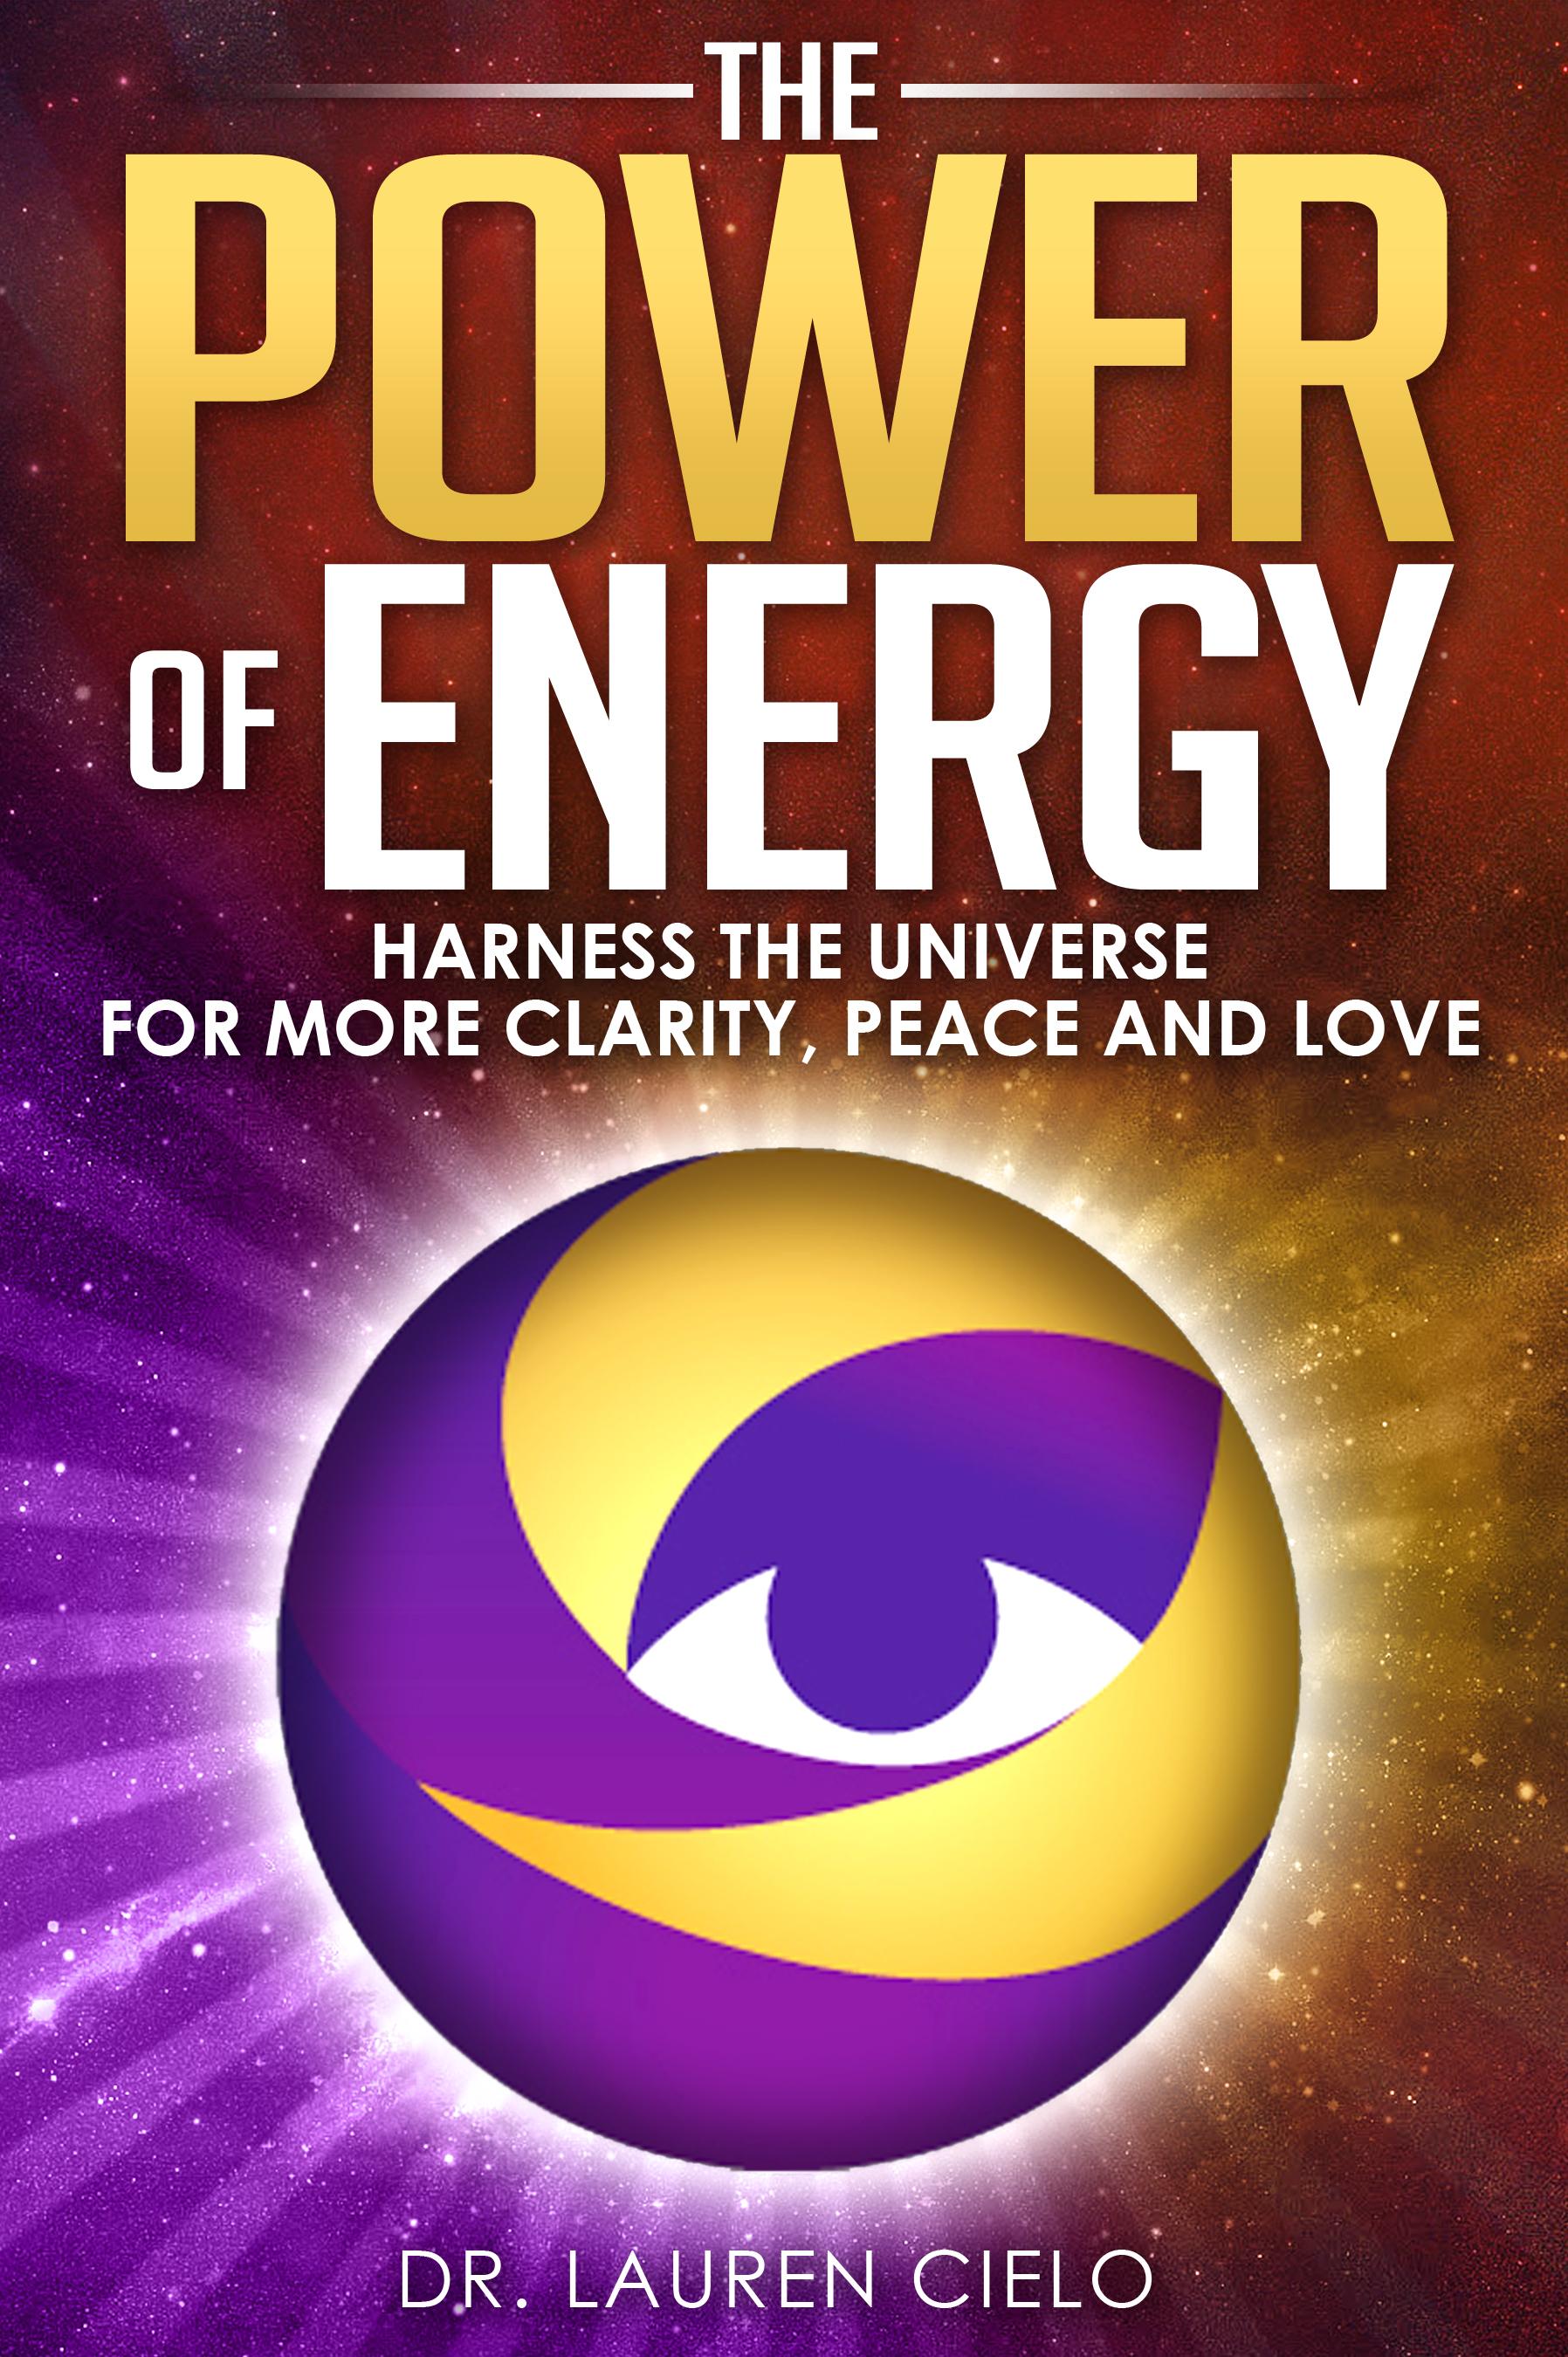 ThePowerOfEnergyFINAL2.jpg